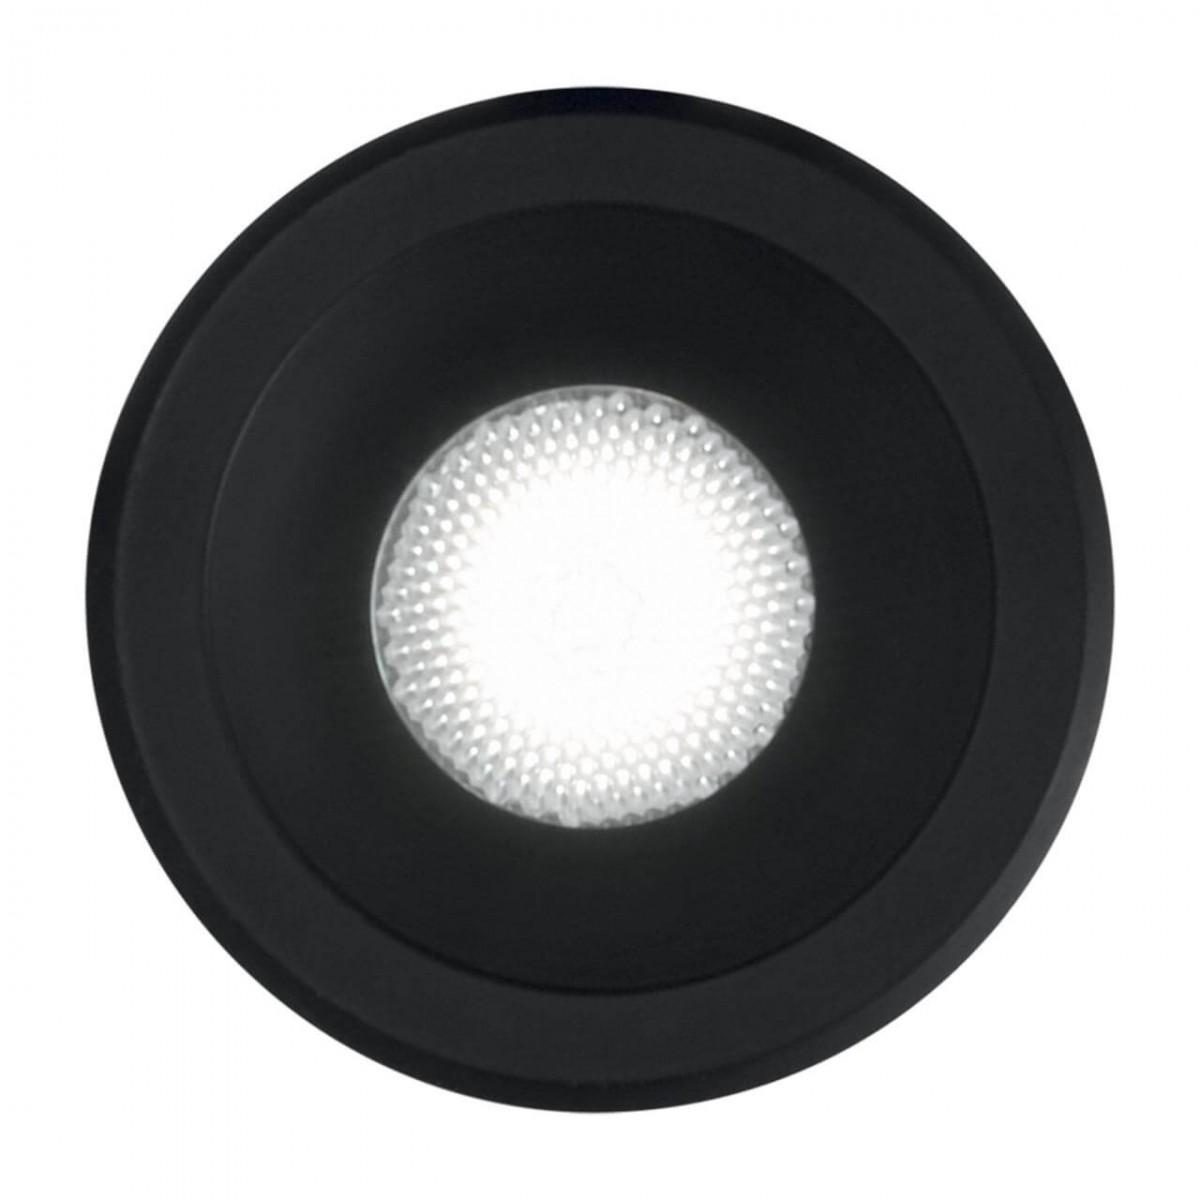 Встраиваемый светодиодный светильник Ideal Lux Virus BK BK